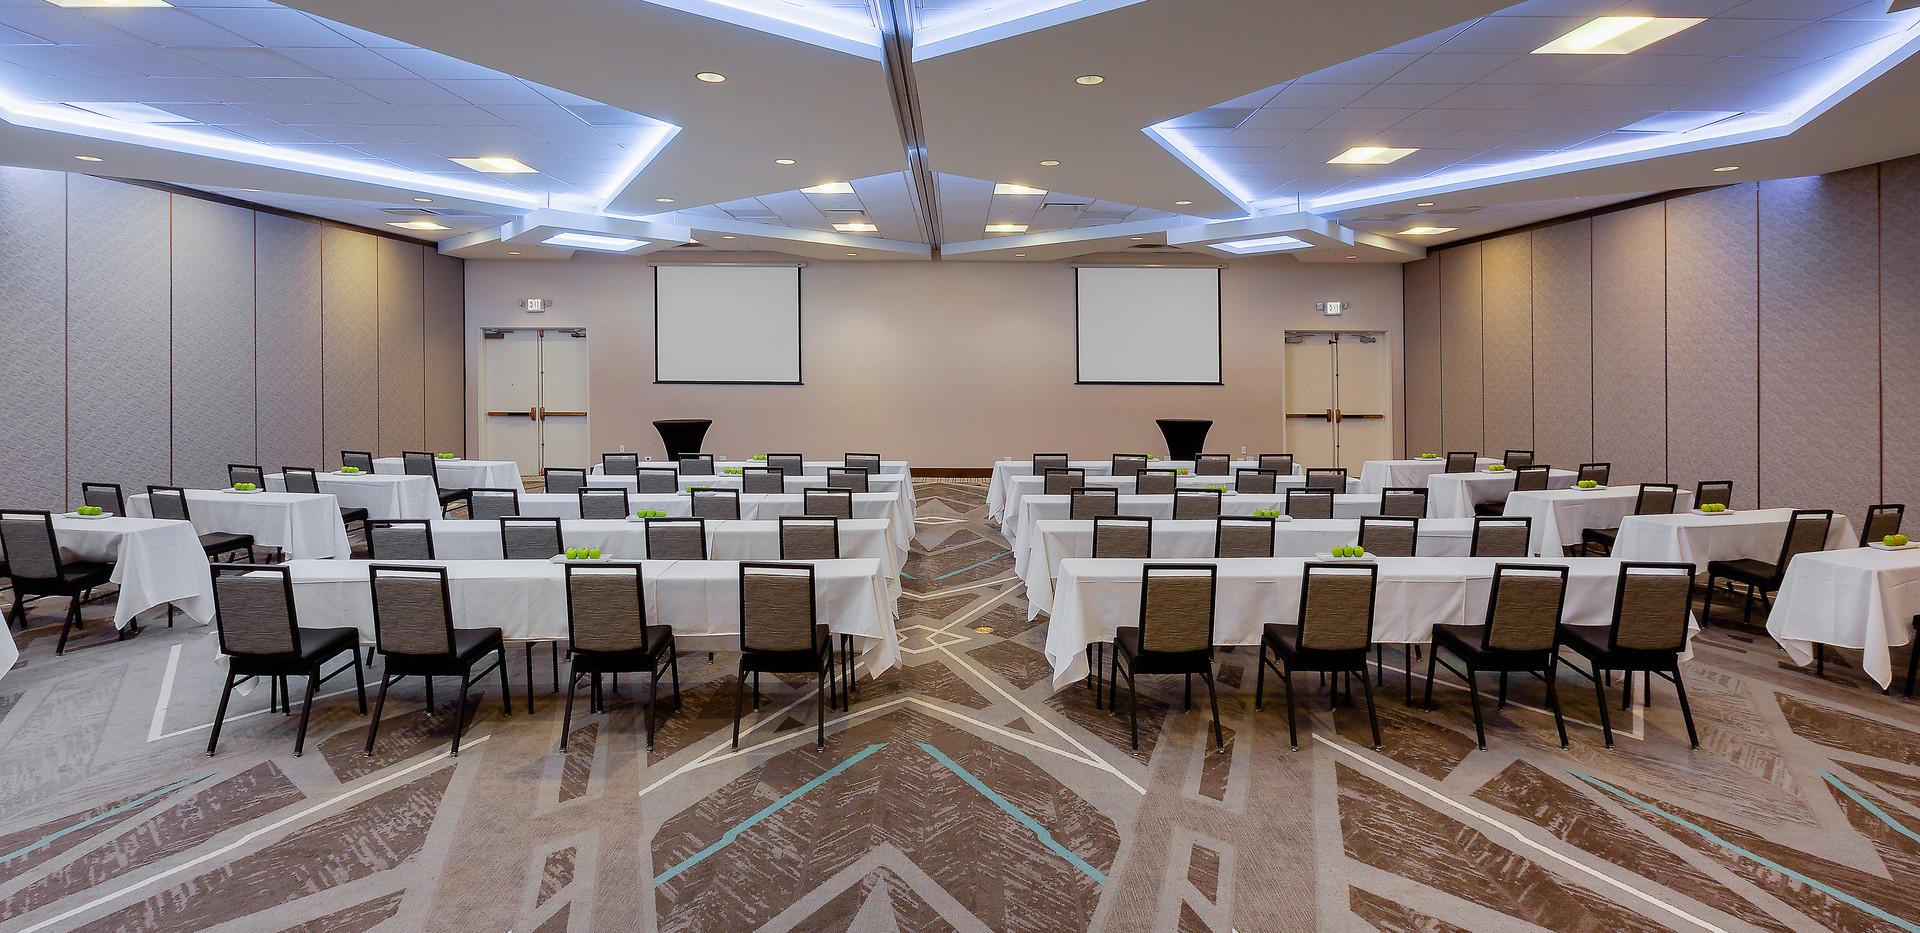 Holiday Inn La Mirada Meeting Room